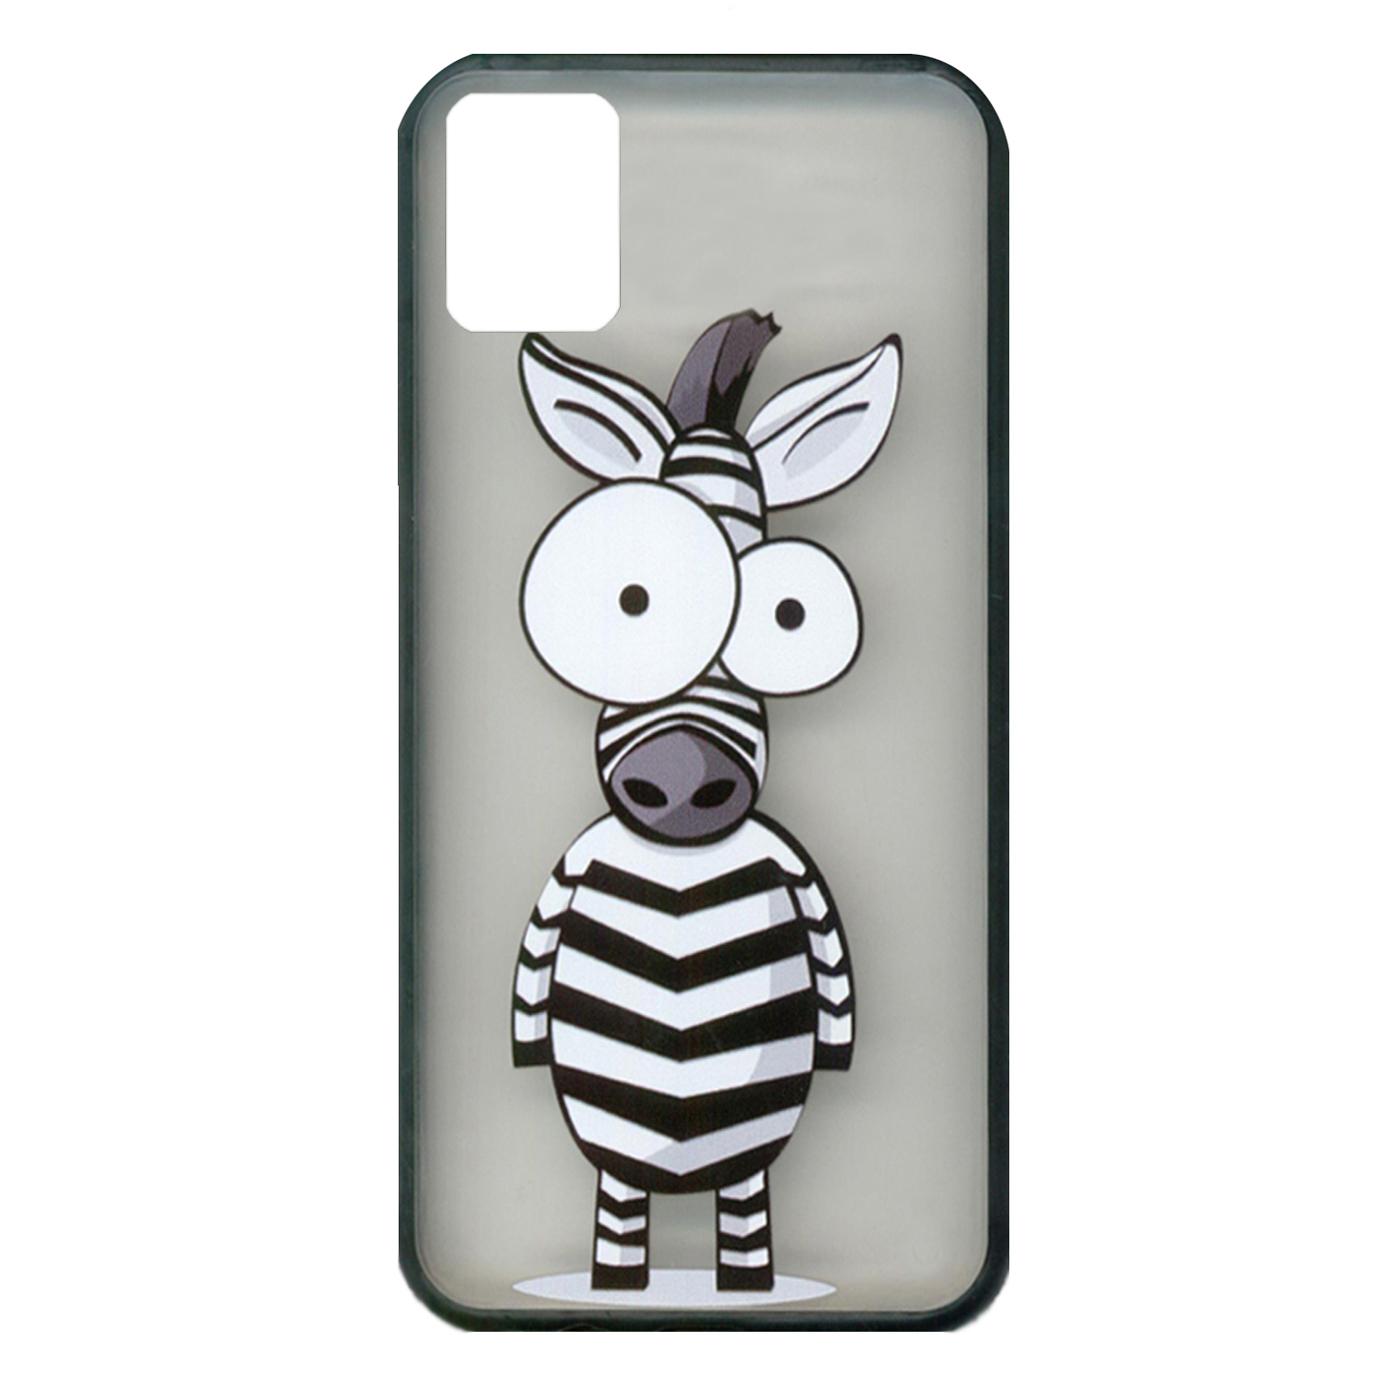 کاور طرح animal کد 1986 مناسب برای گوشی موبایل سامسونگ Galaxy A51